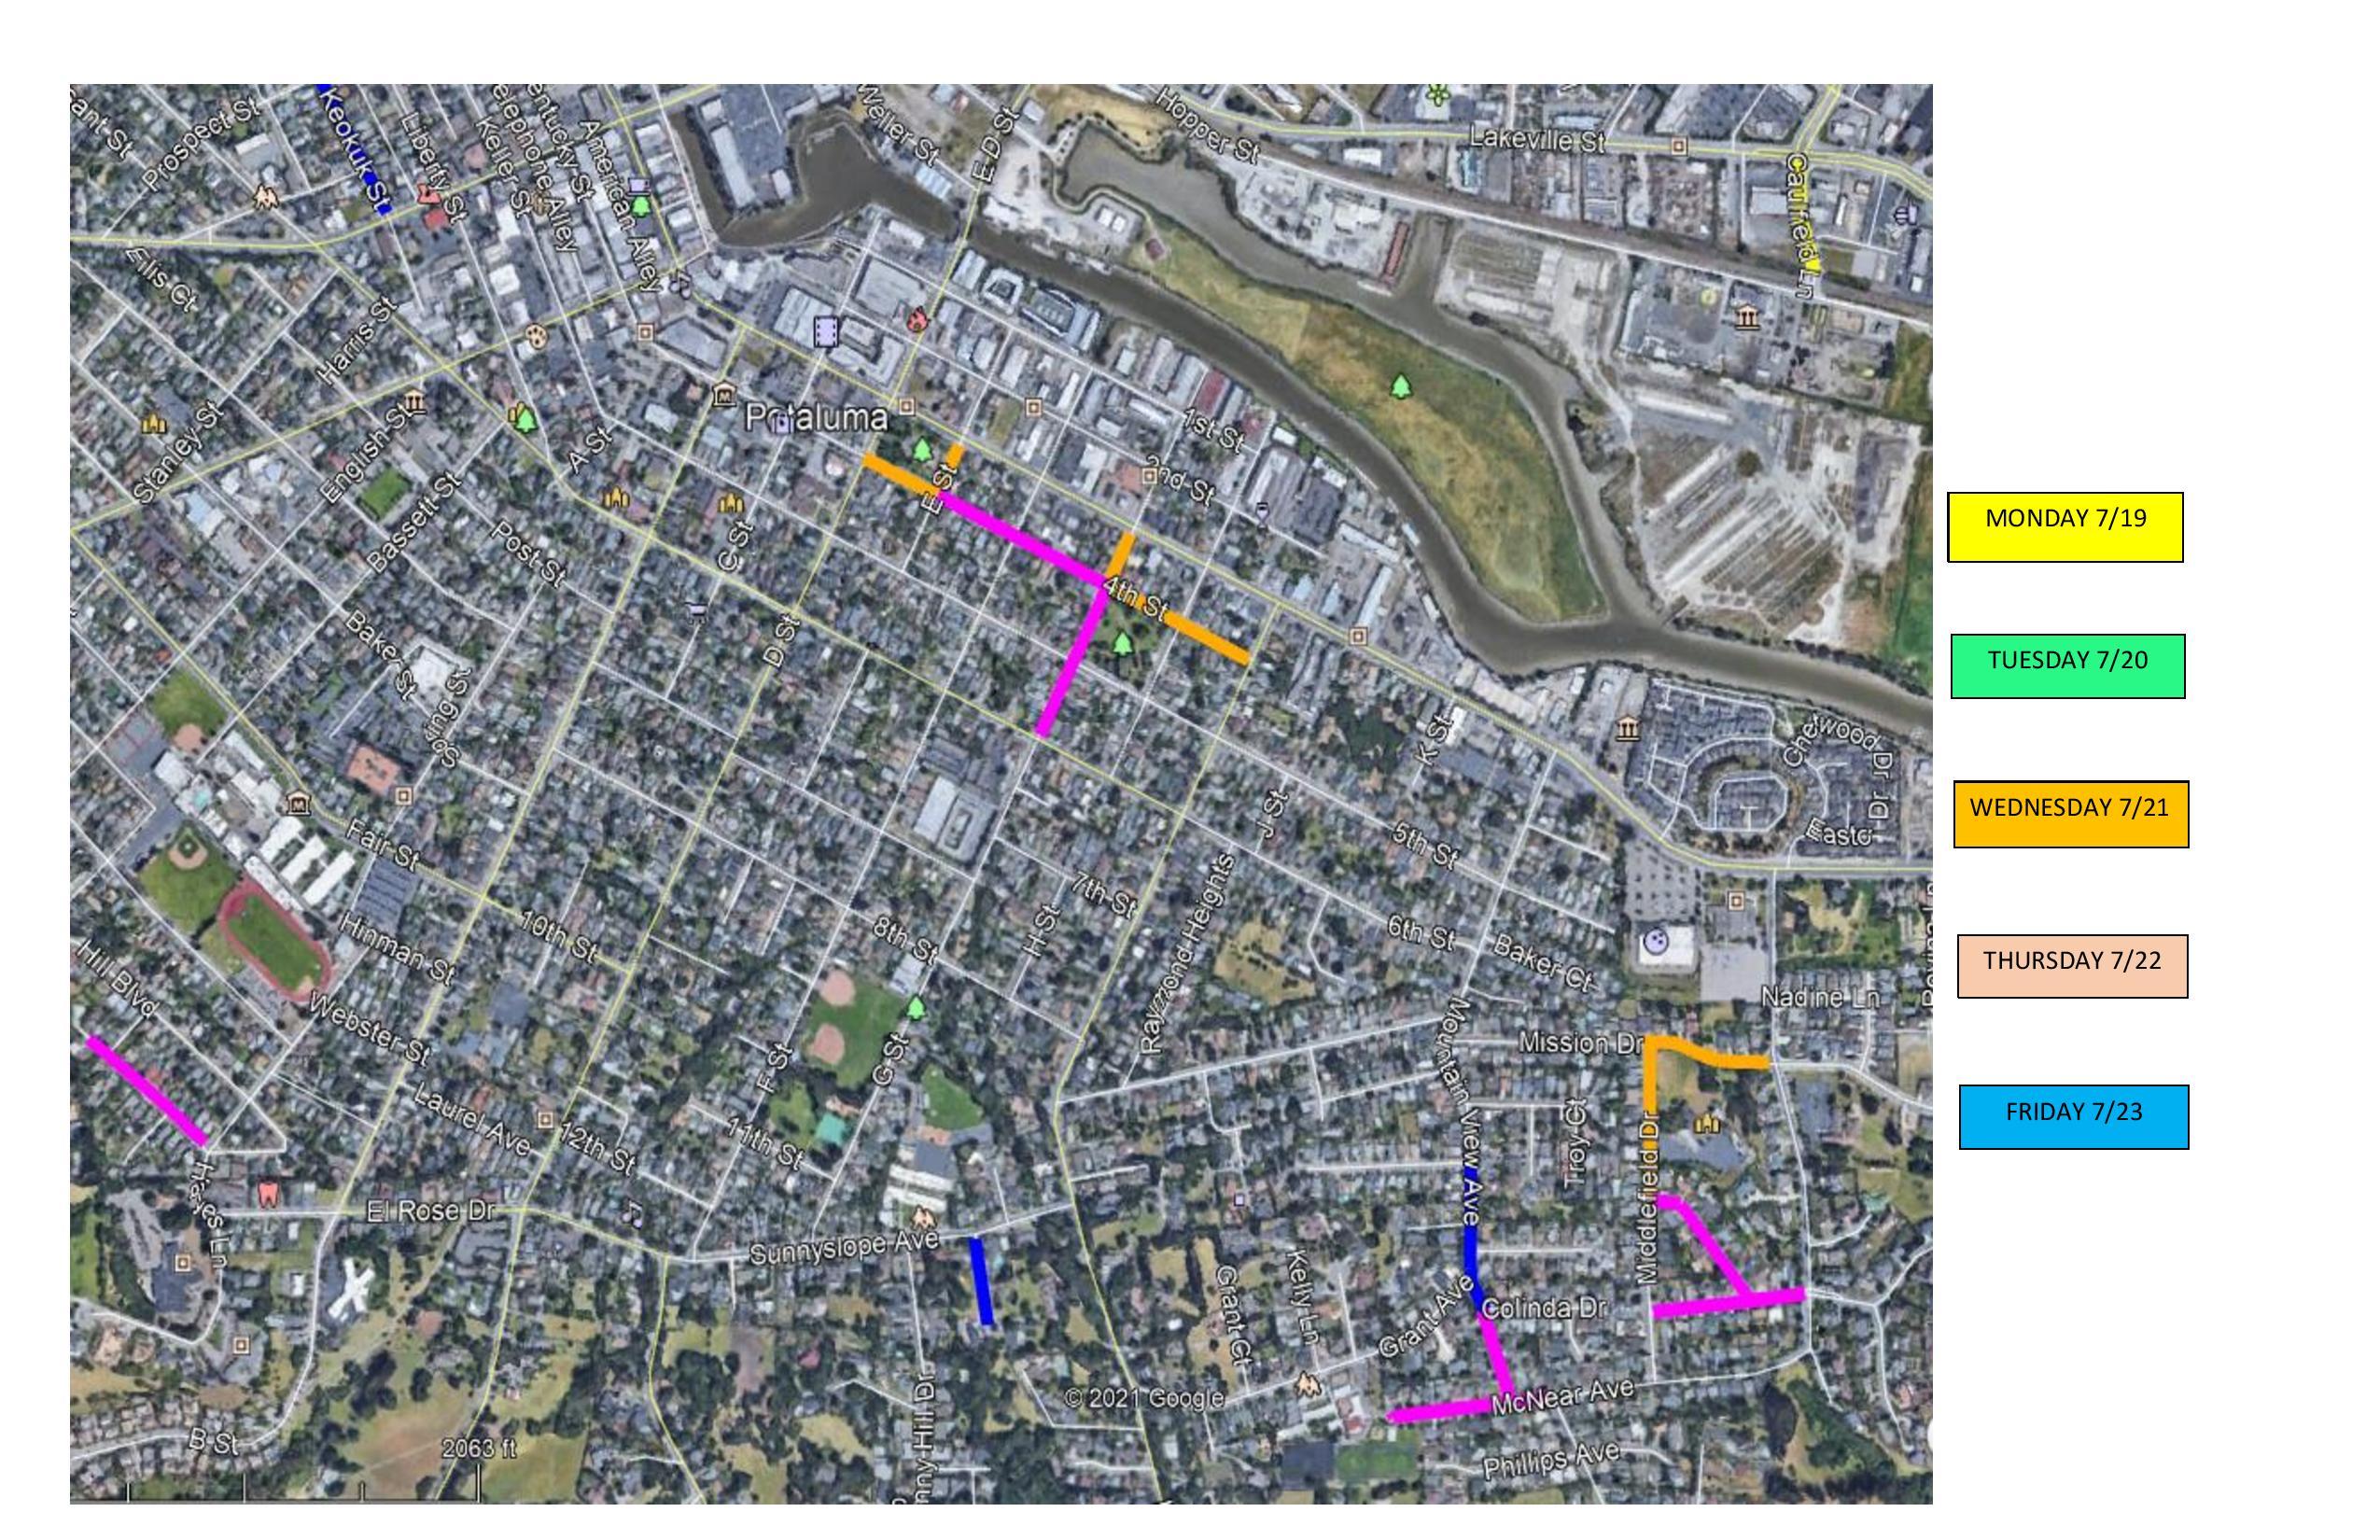 Pavement Map 4 7_19 thru 7_23-page-001